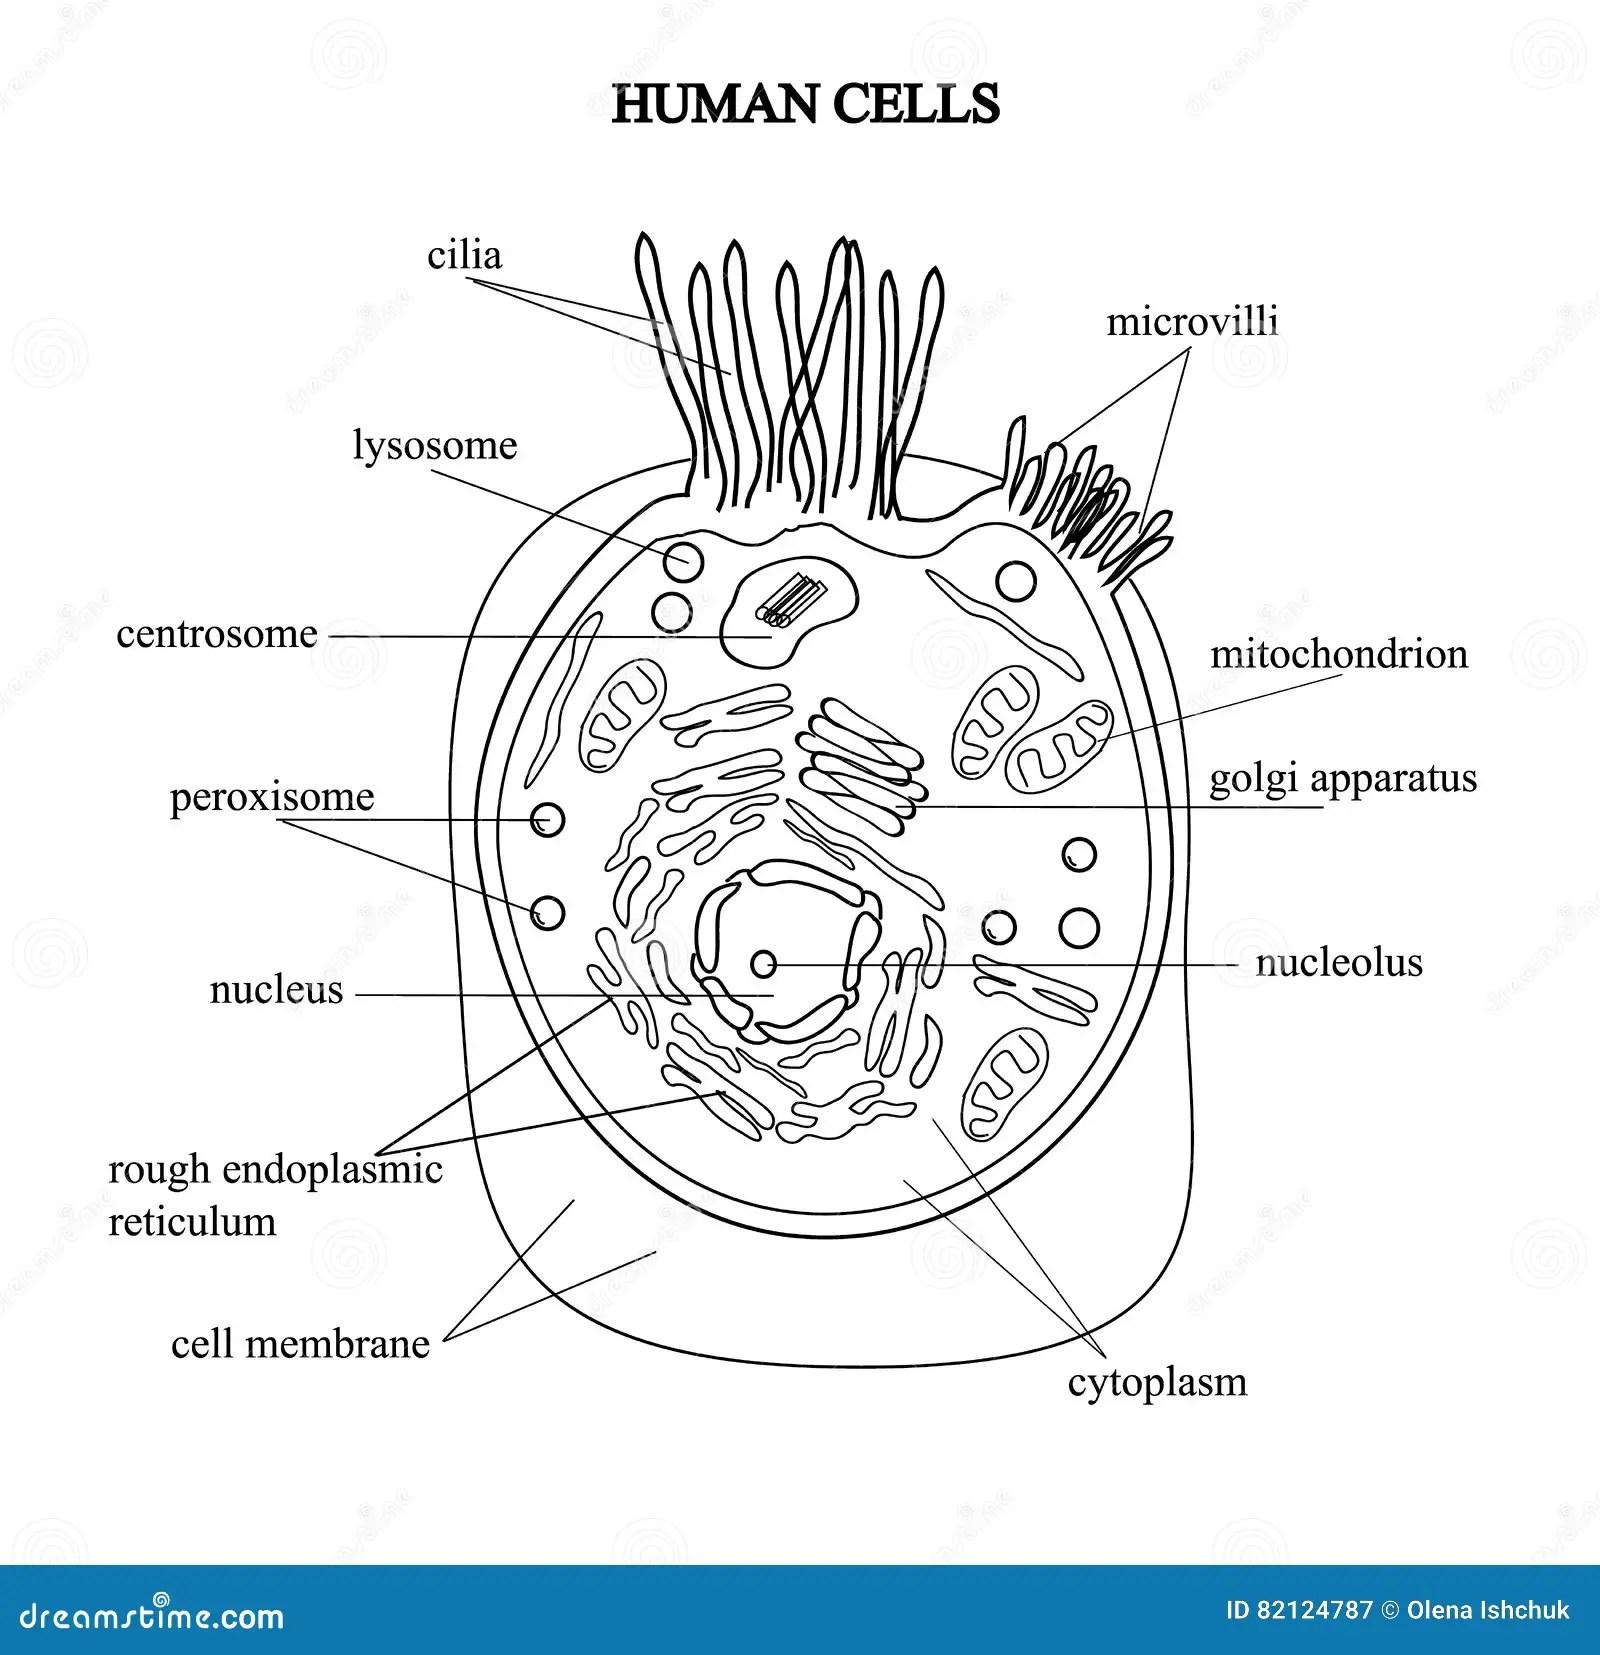 La Estructura De Las Celulas Humanas En Una Imagen Grafica Componentes De La Celula En Un Fondo